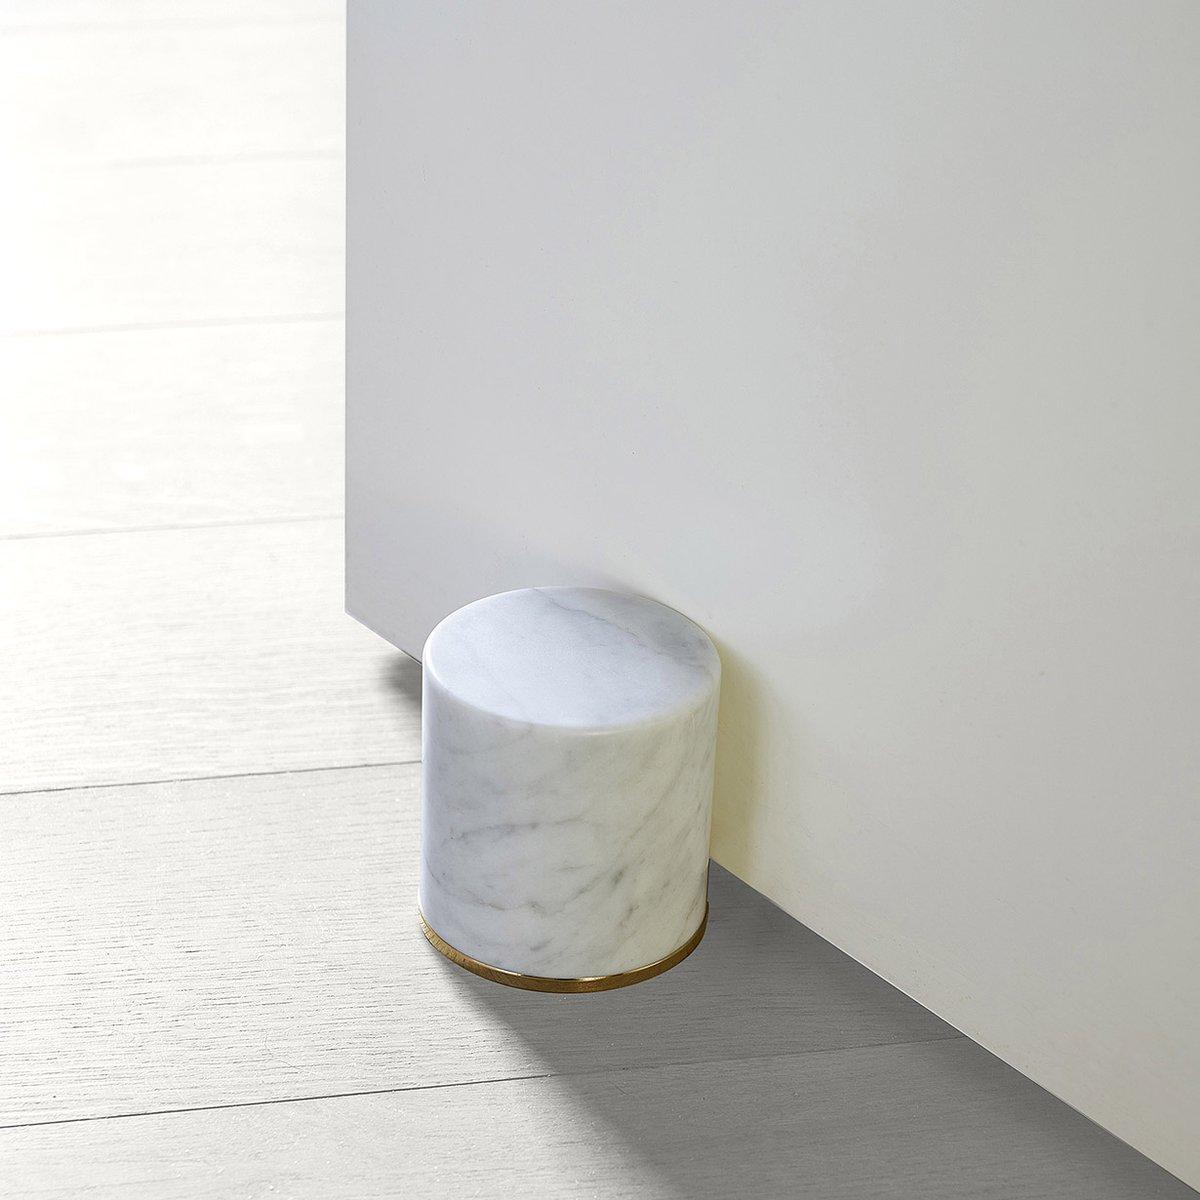 bloqueur de porte opinion ciatti en marbre by opinion ciatti lovethesign. Black Bedroom Furniture Sets. Home Design Ideas